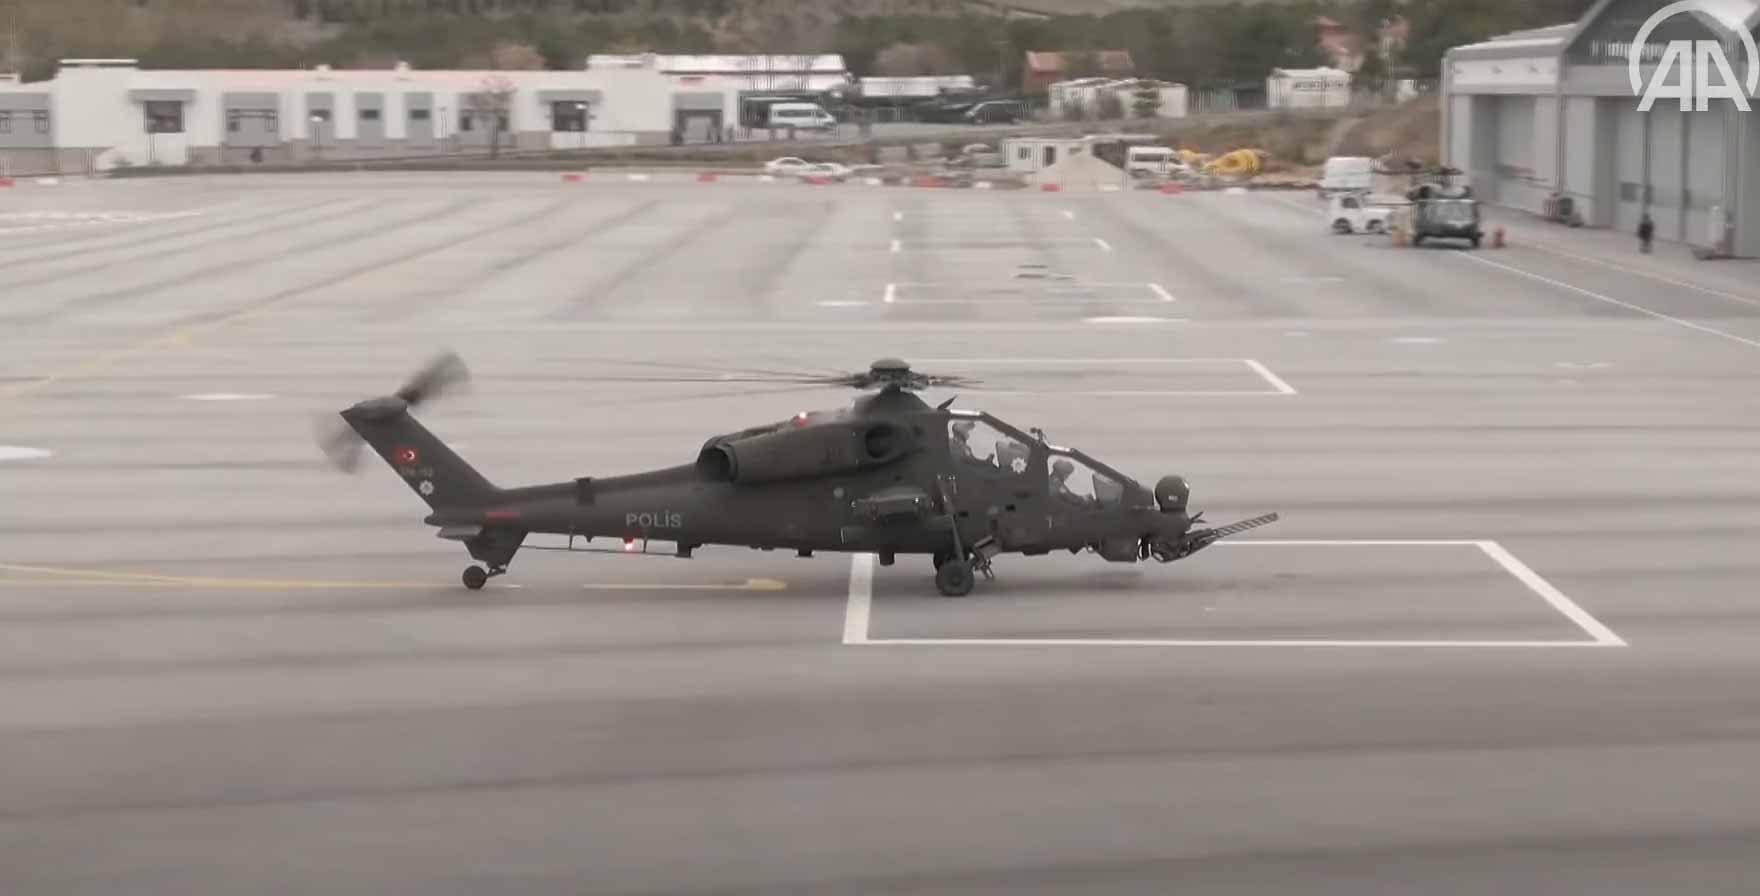 Policiais turcos agora têm seus próprios helicópteros de ataque. Foto: Reprodução Youtube